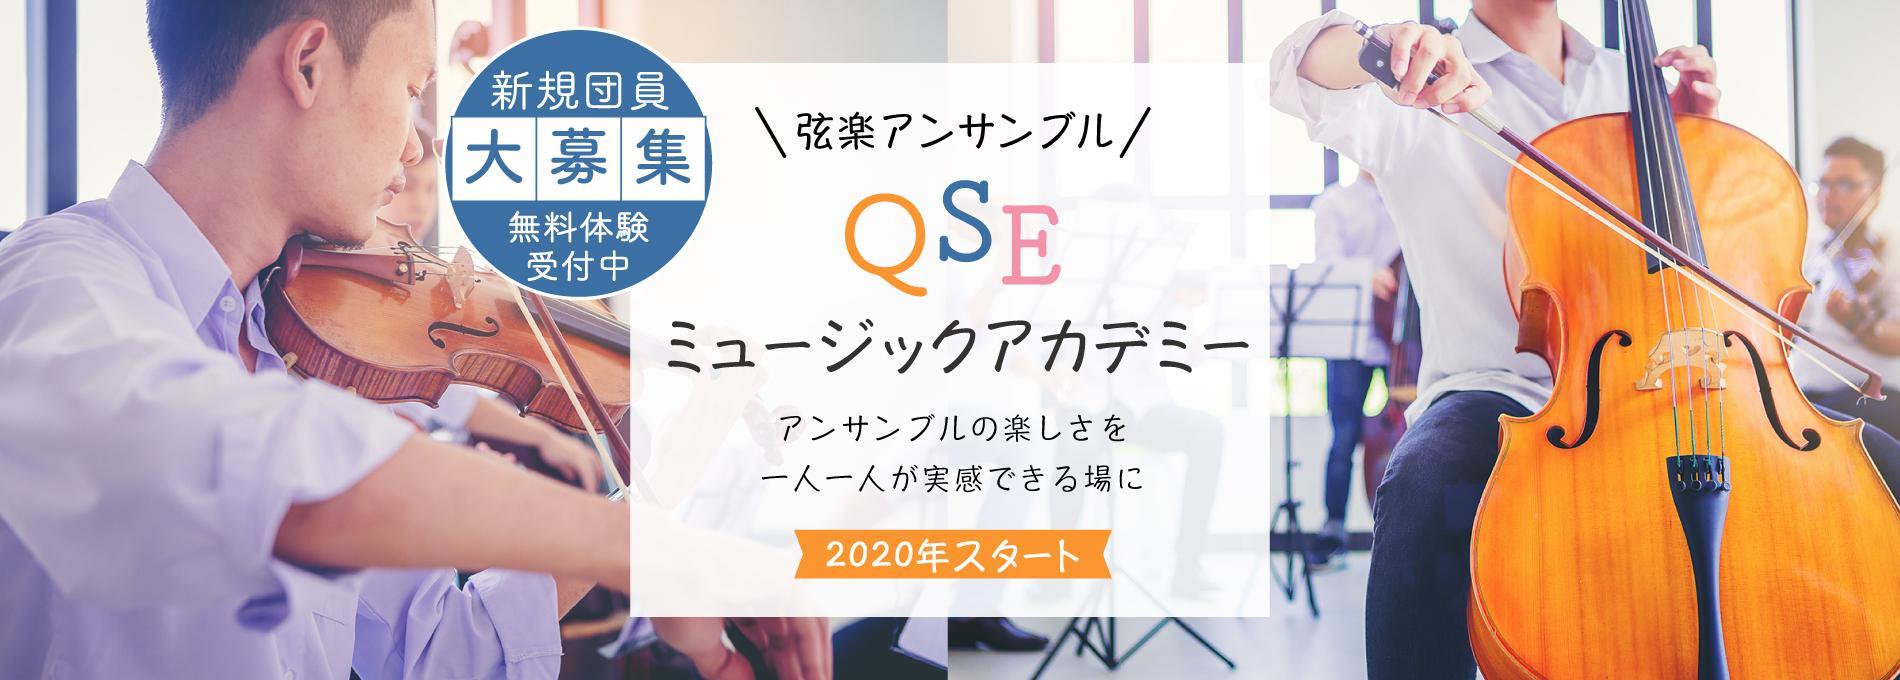 QSEミュージックアカデミー